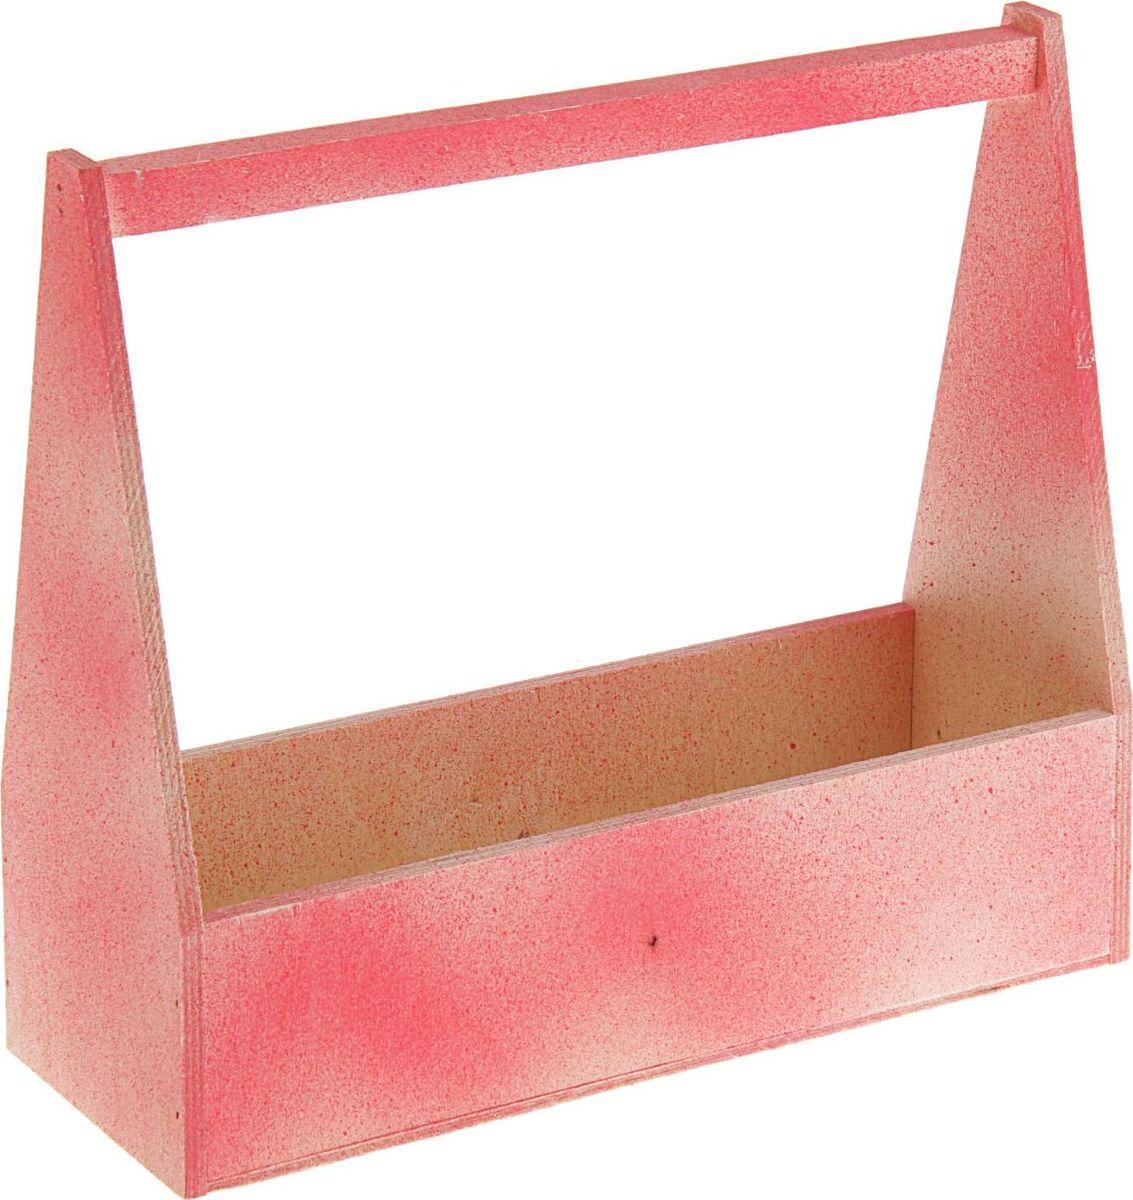 Кашпо ТД ДМ Ящик, состаренное, цвет: красный, 12 х 27 х 30,5 см2269513#name# — сувенир в полном смысле этого слова. И главная его задача — хранить воспоминание о месте, где вы побывали, или о том человеке, который подарил данный предмет. Преподнесите эту вещь своему другу, и она станет достойным украшением его дома.